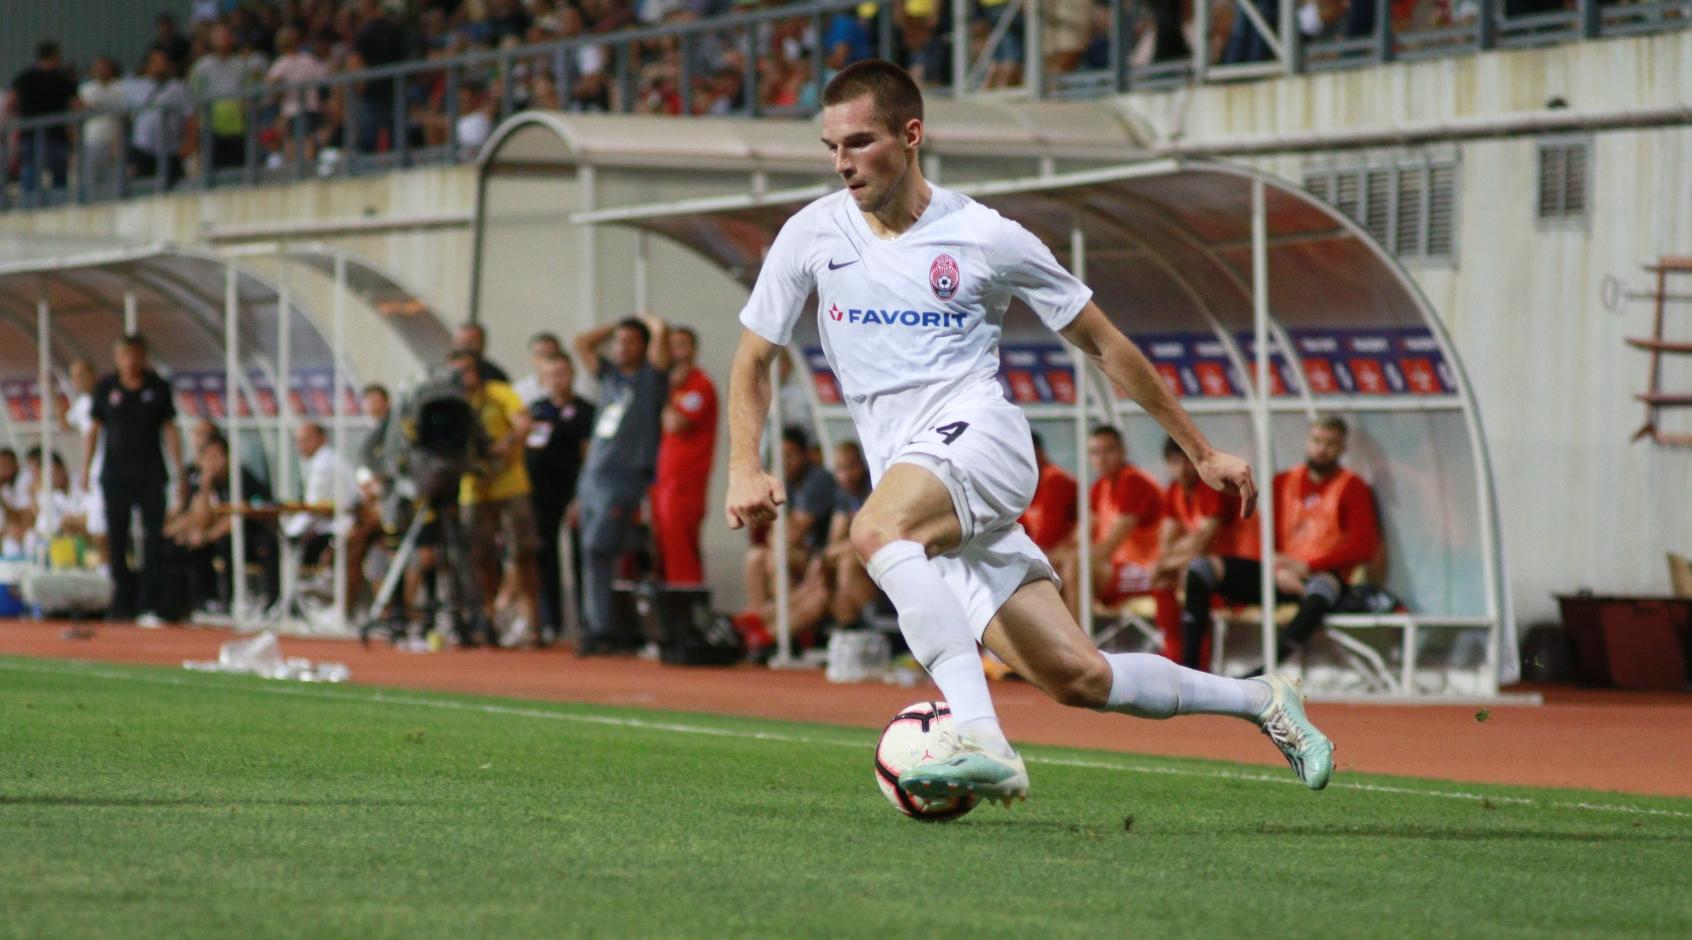 Богдан Михайліченко — найкращий гравець 17-го туру Favbet Ліги